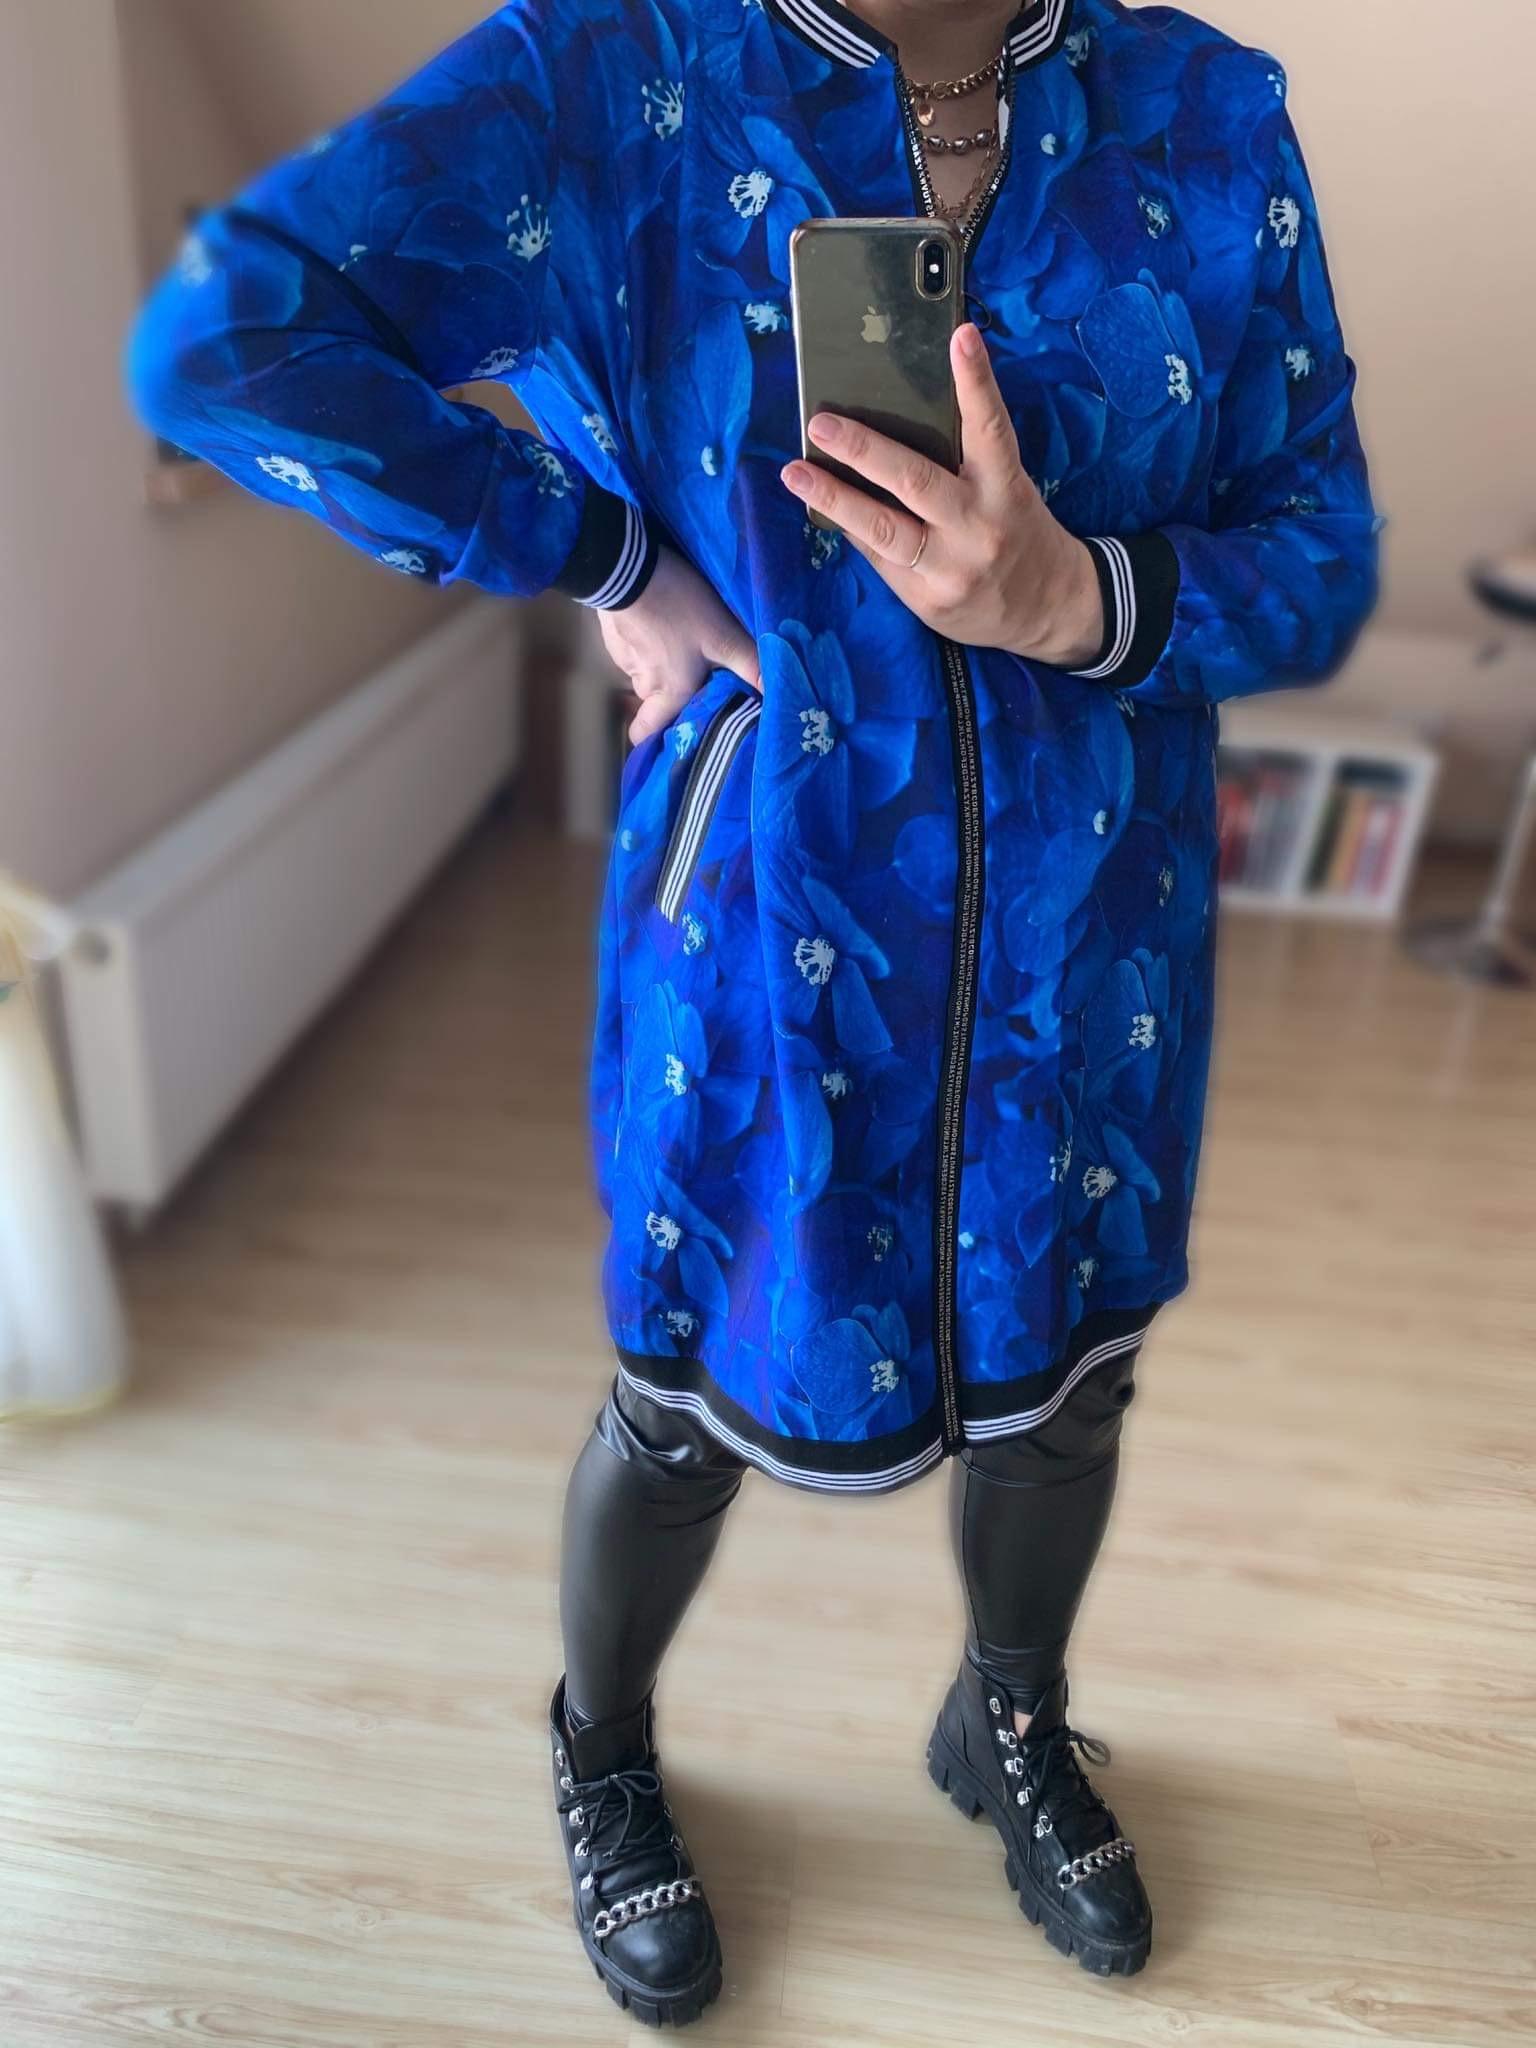 Stilingas mèlynas megztinis/kardiganas/suknelè su užtrauktuku ir drugeliais.